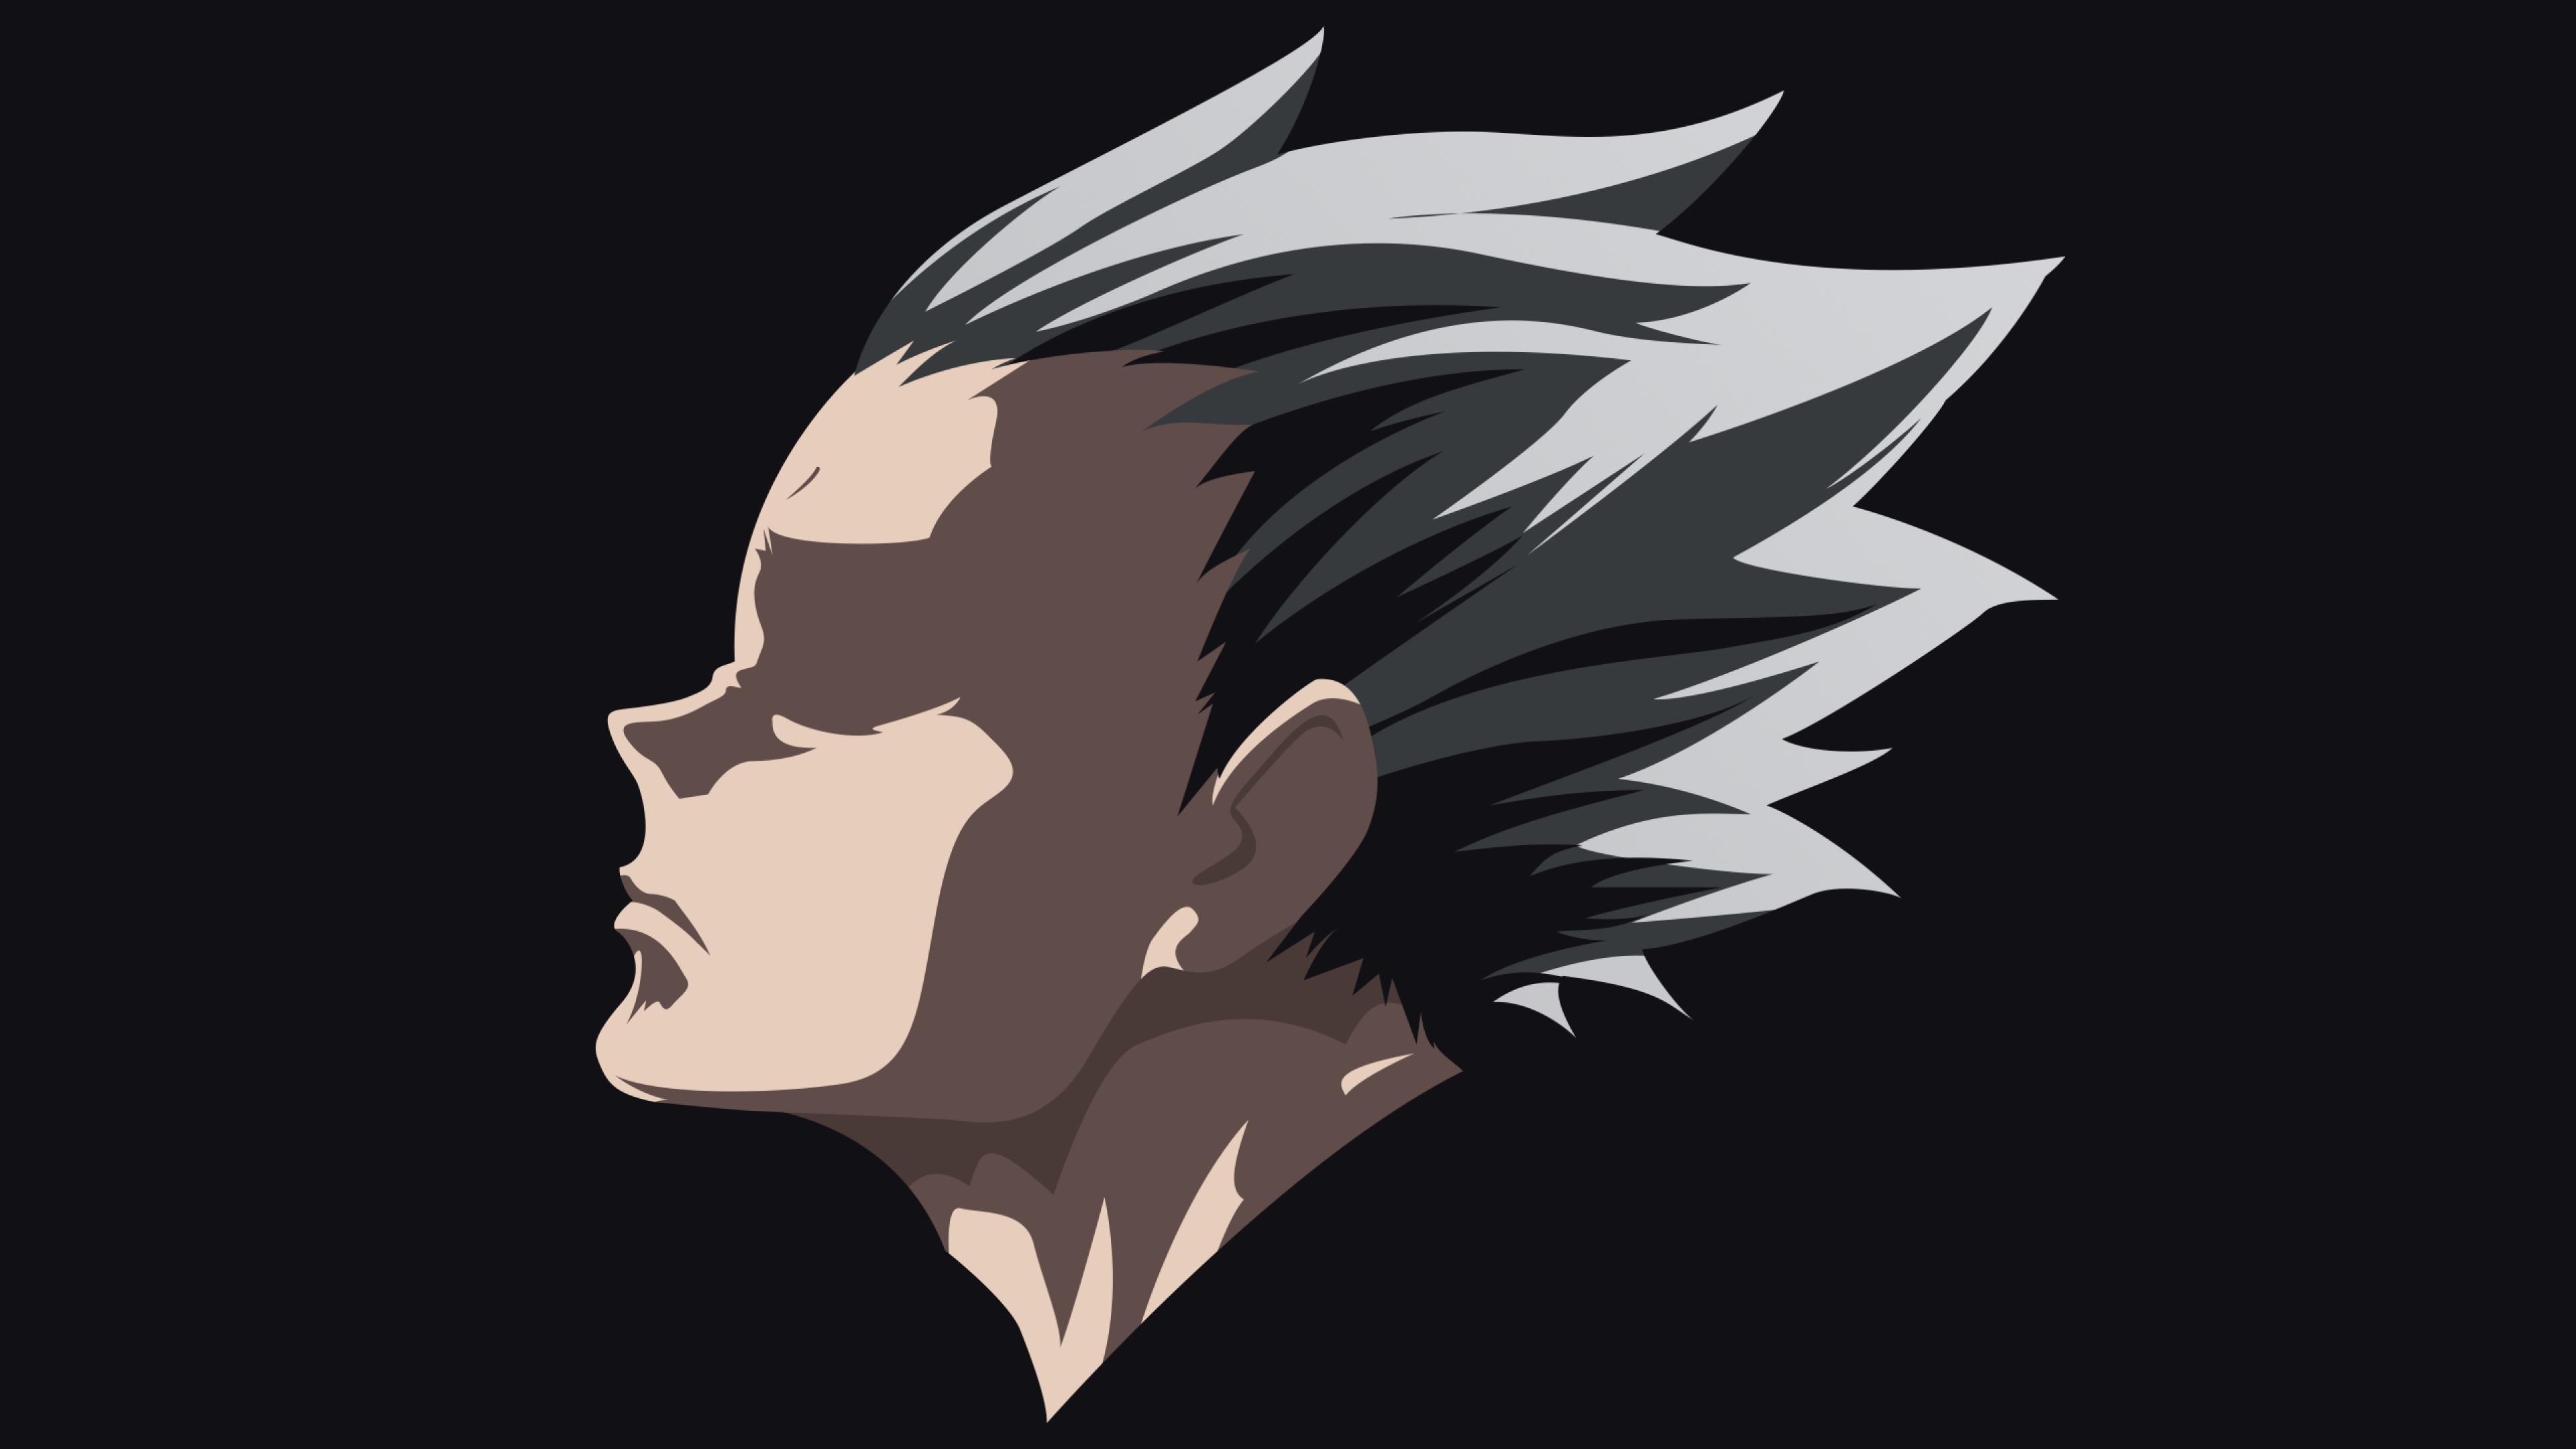 3840x2160 Kotaro Bokuto Art Hình nền 4K, Hình nền HD Anime 4K, Hình ảnh, Hình ảnh và Nền